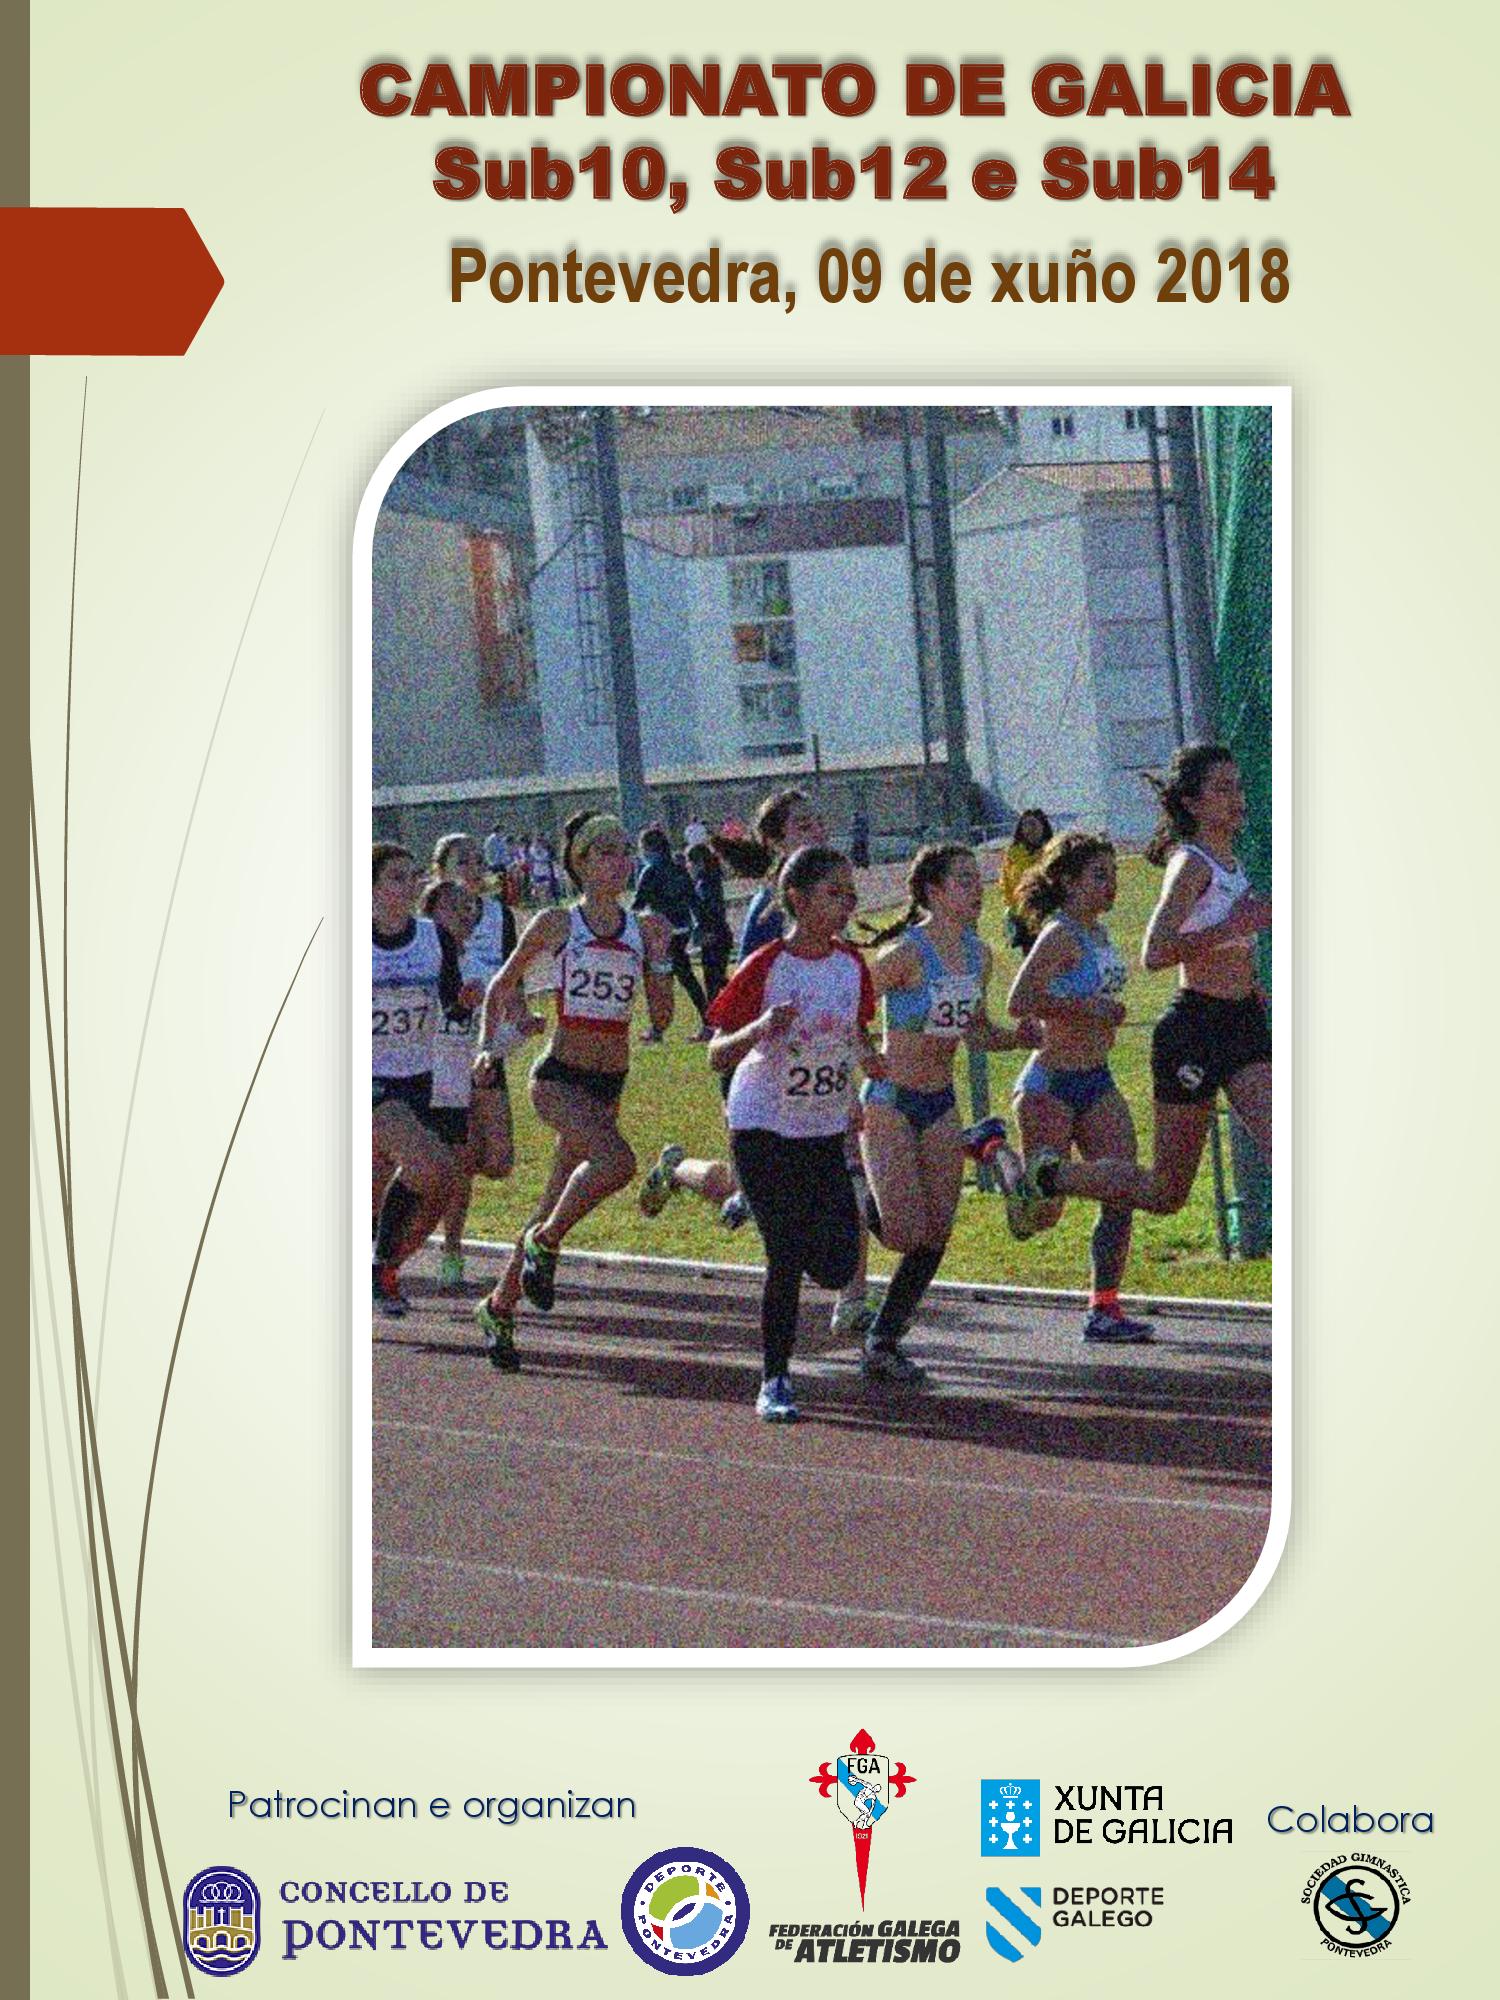 Campionato de Galicia Sub10 (BEN) – Sub12 (ALE) – Sub14 (INF) 2017/2018